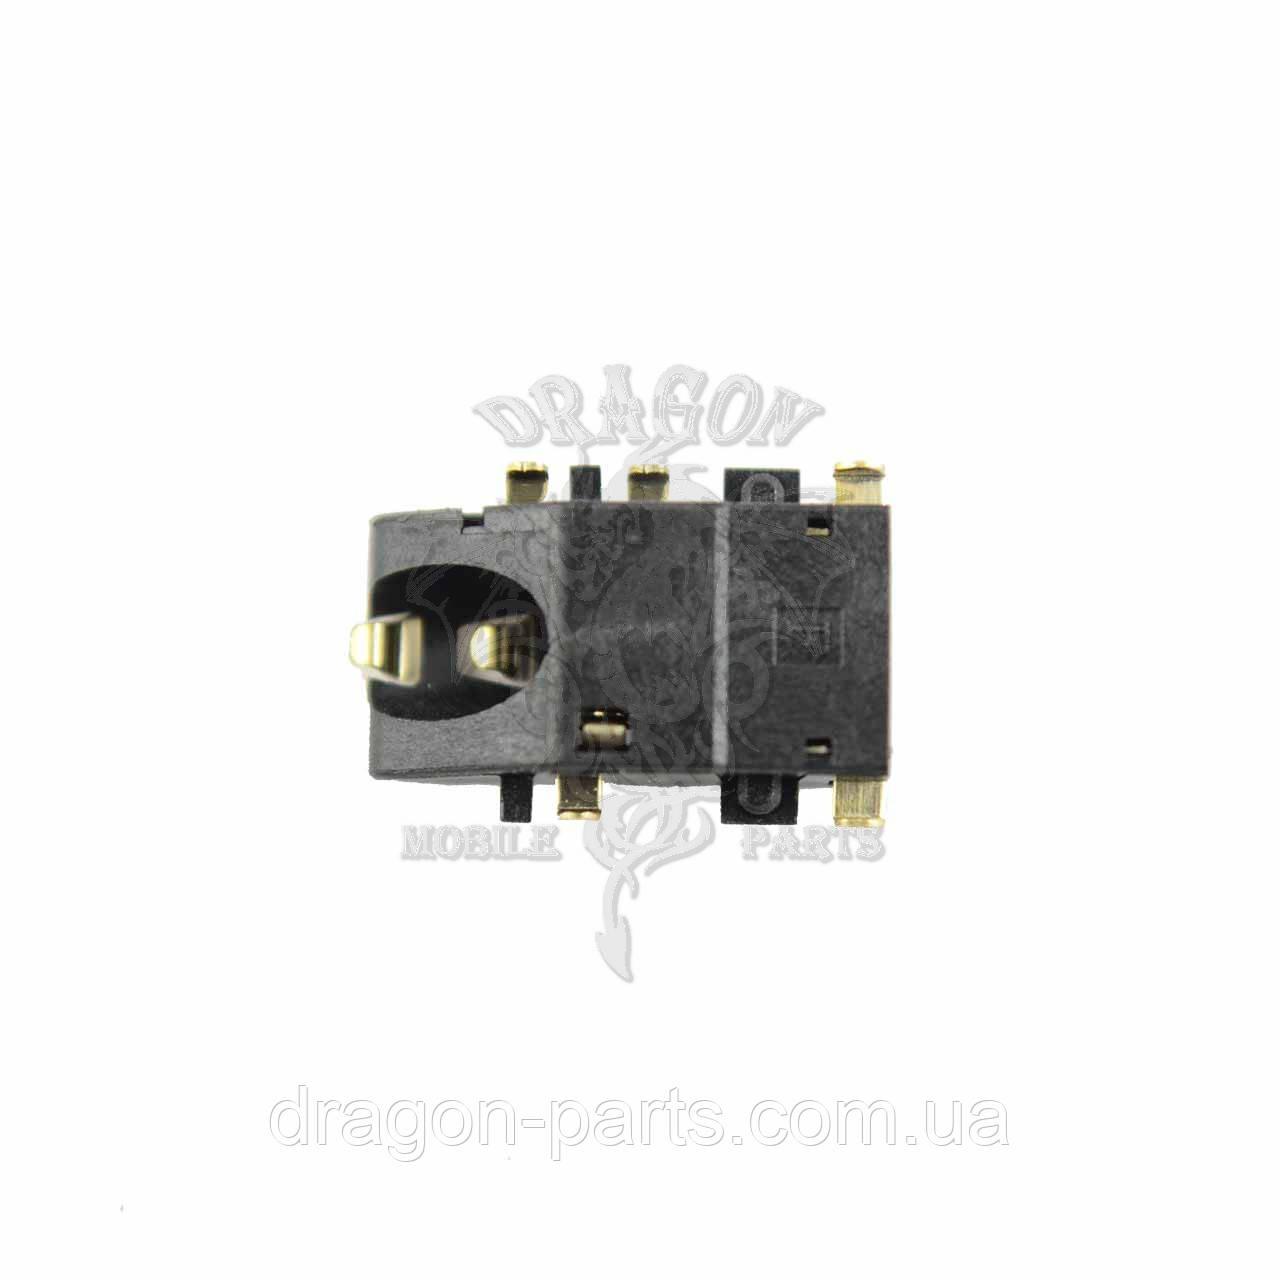 Разъем коннектор гарнитуры Nomi Libra 3 C080012, оригинал